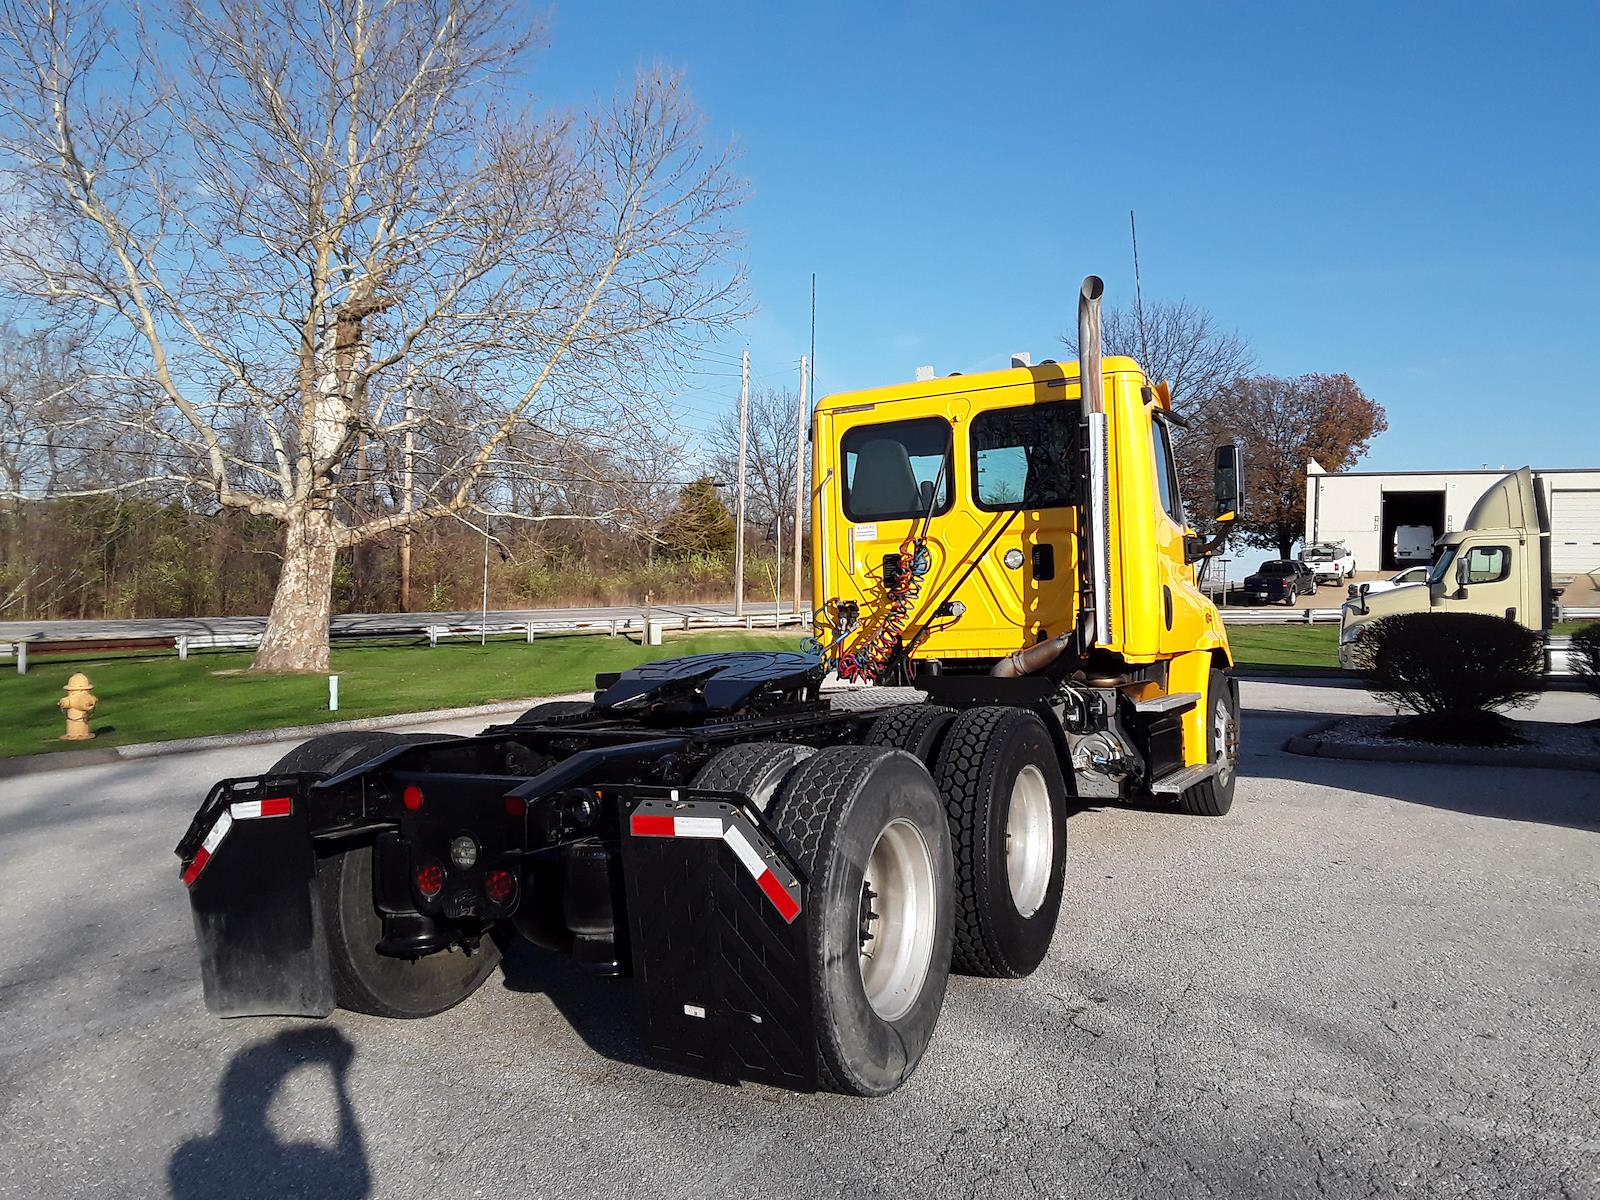 2015 Freightliner Truck 6x4, Tractor #640083 - photo 1